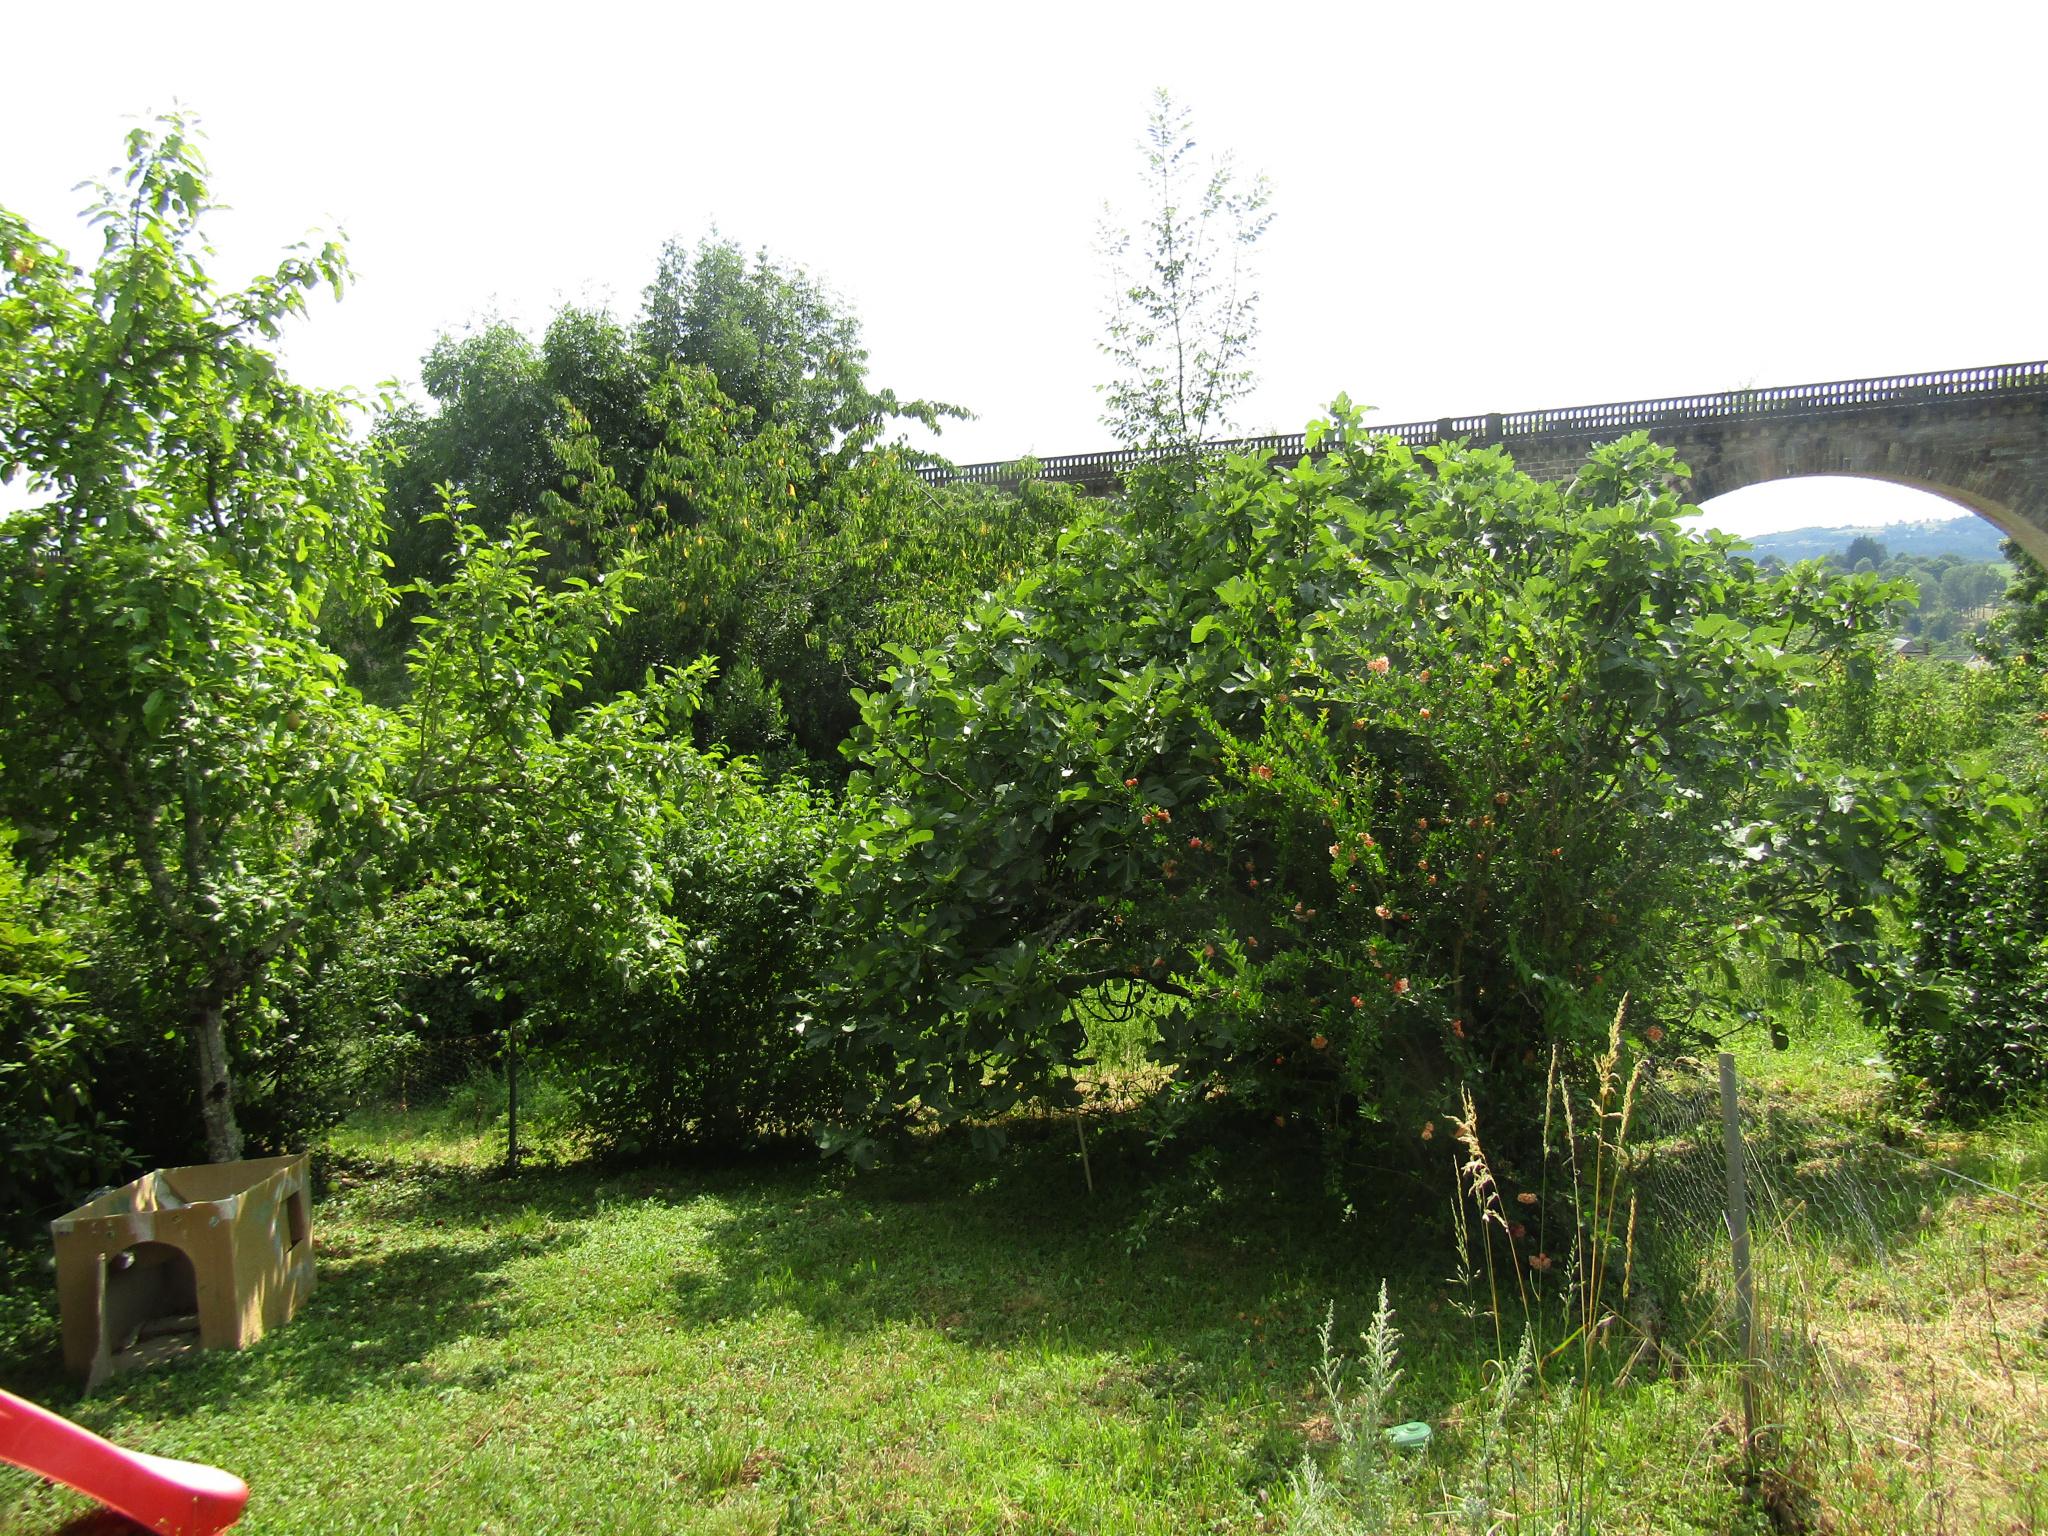 Abri De Jardin Atypique vente maison de bourg atypique à rénover avec jardin, grange